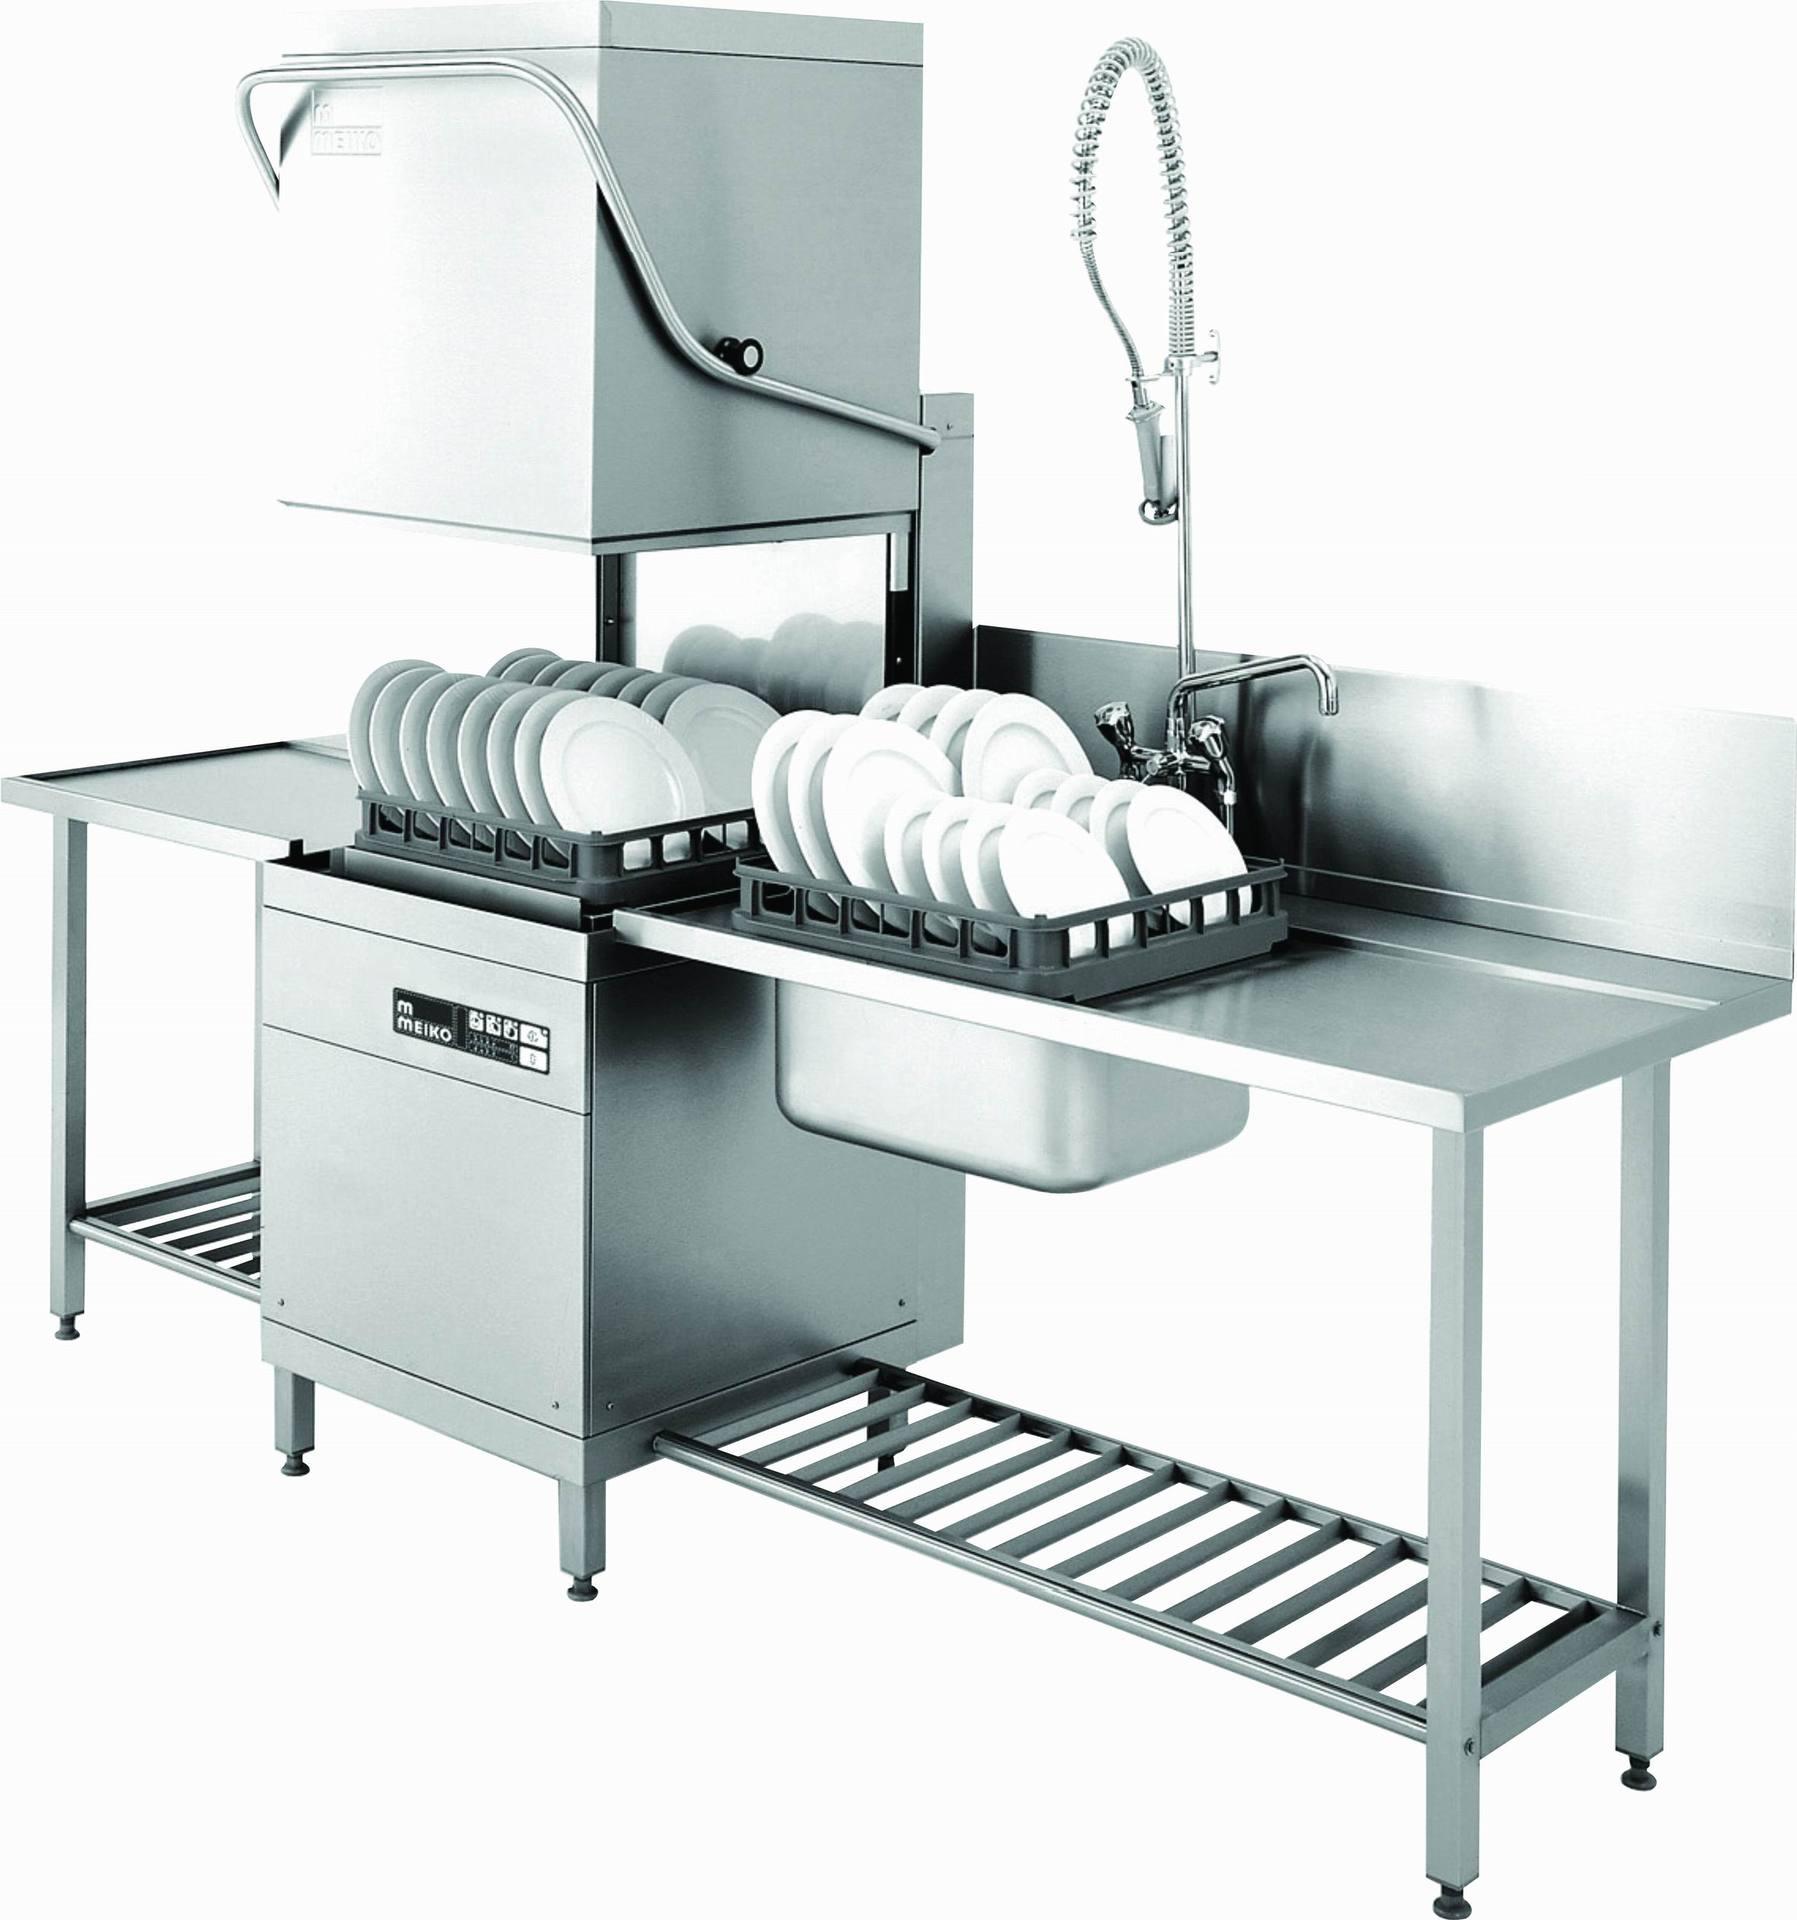 提拉式洗碗機